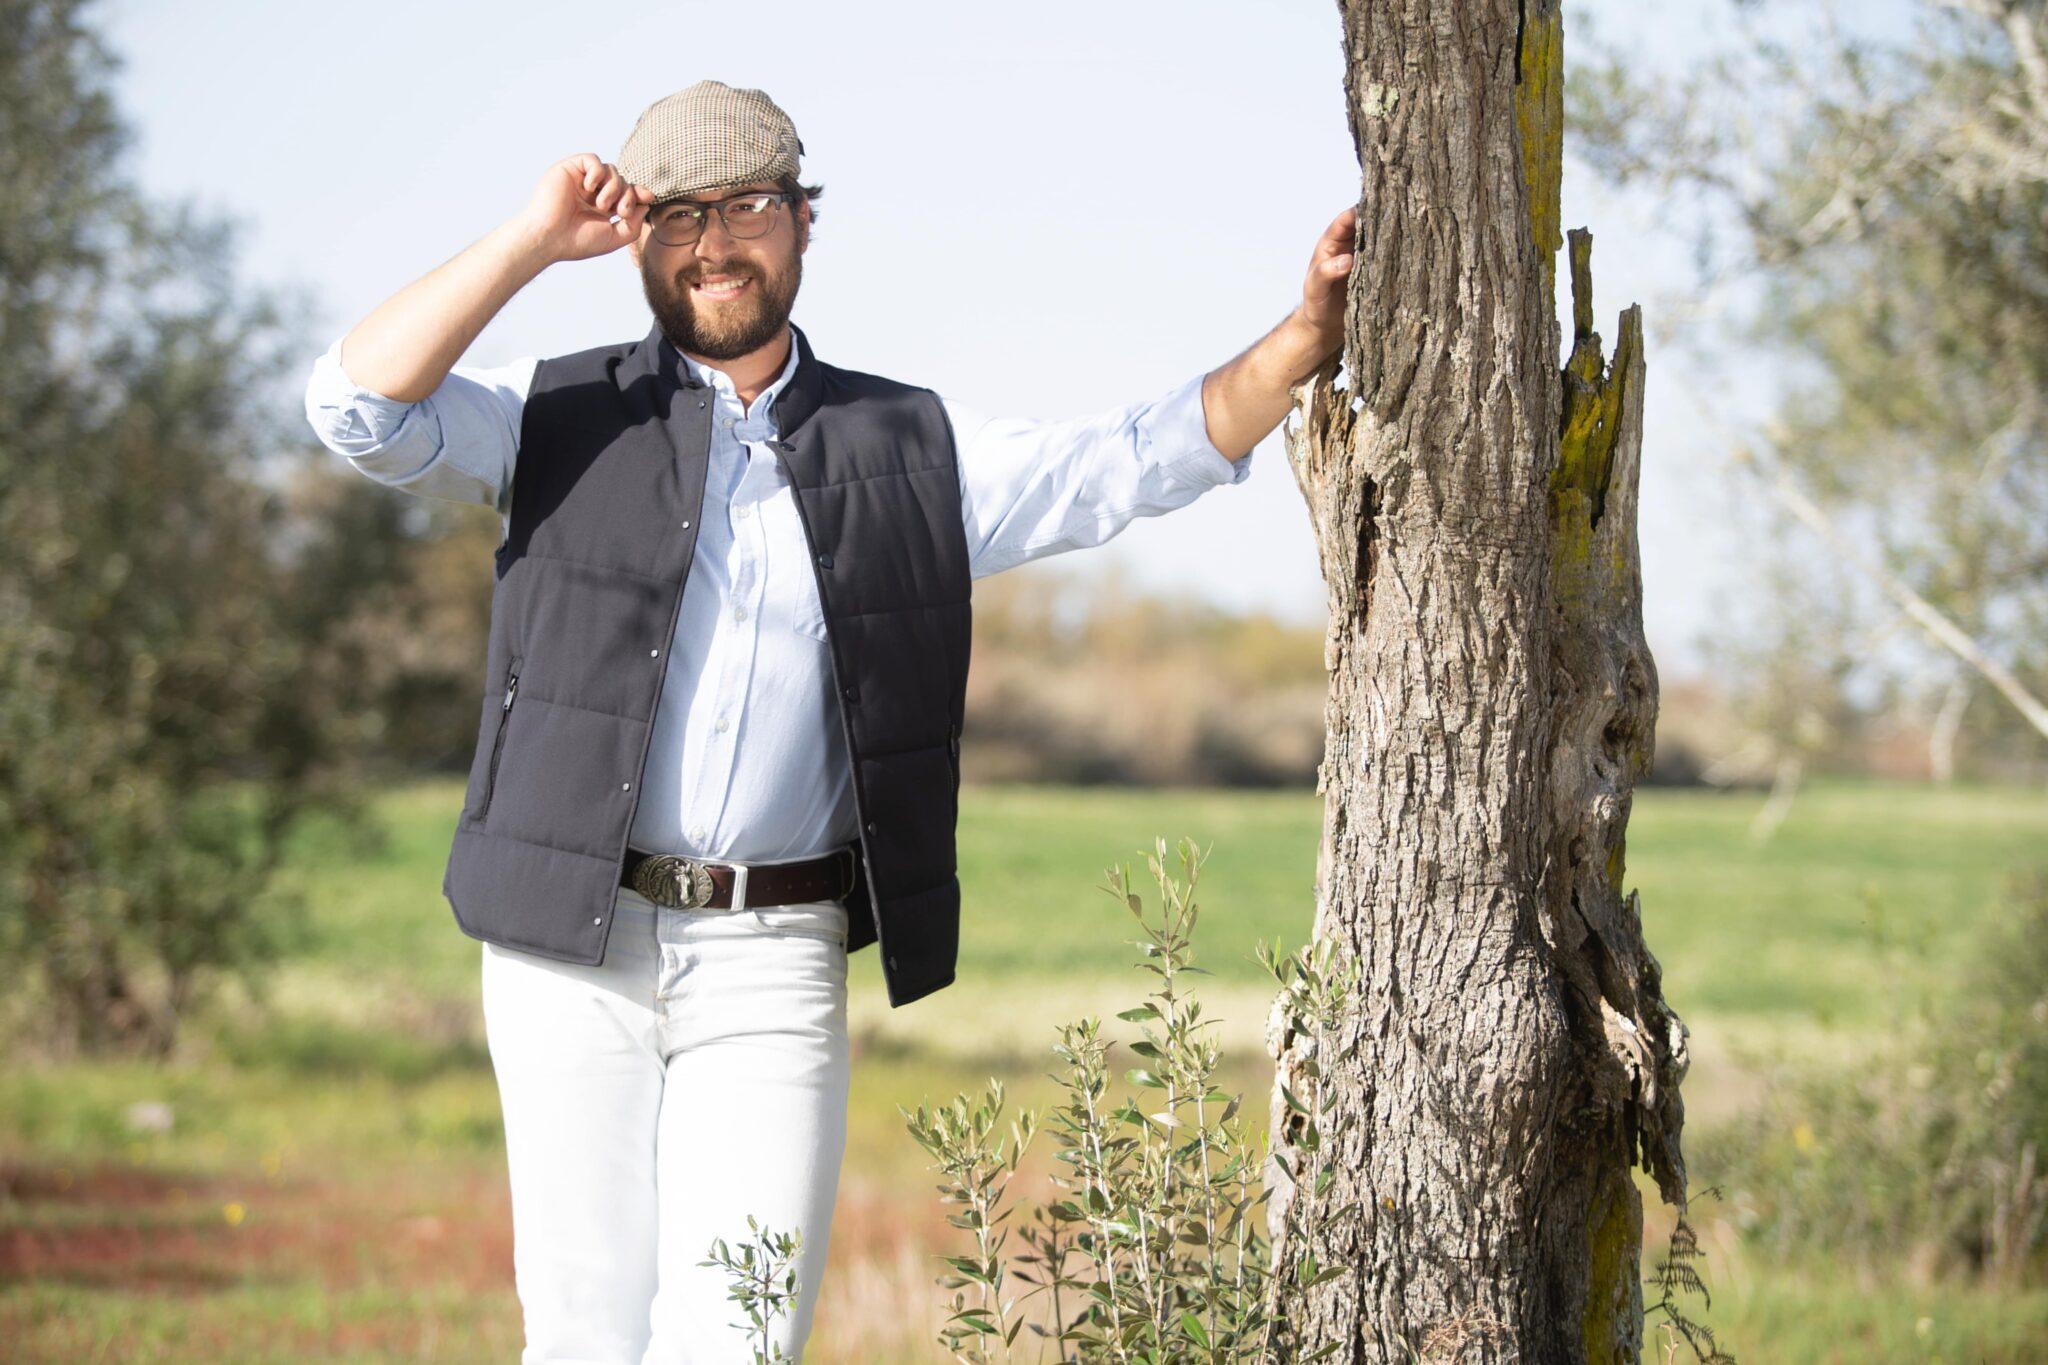 quem quer namorar com o agricultor joao paliotes scaled 'Agricultores'. João Paliotes perde a cabeça e levanta a mão a Mafalda